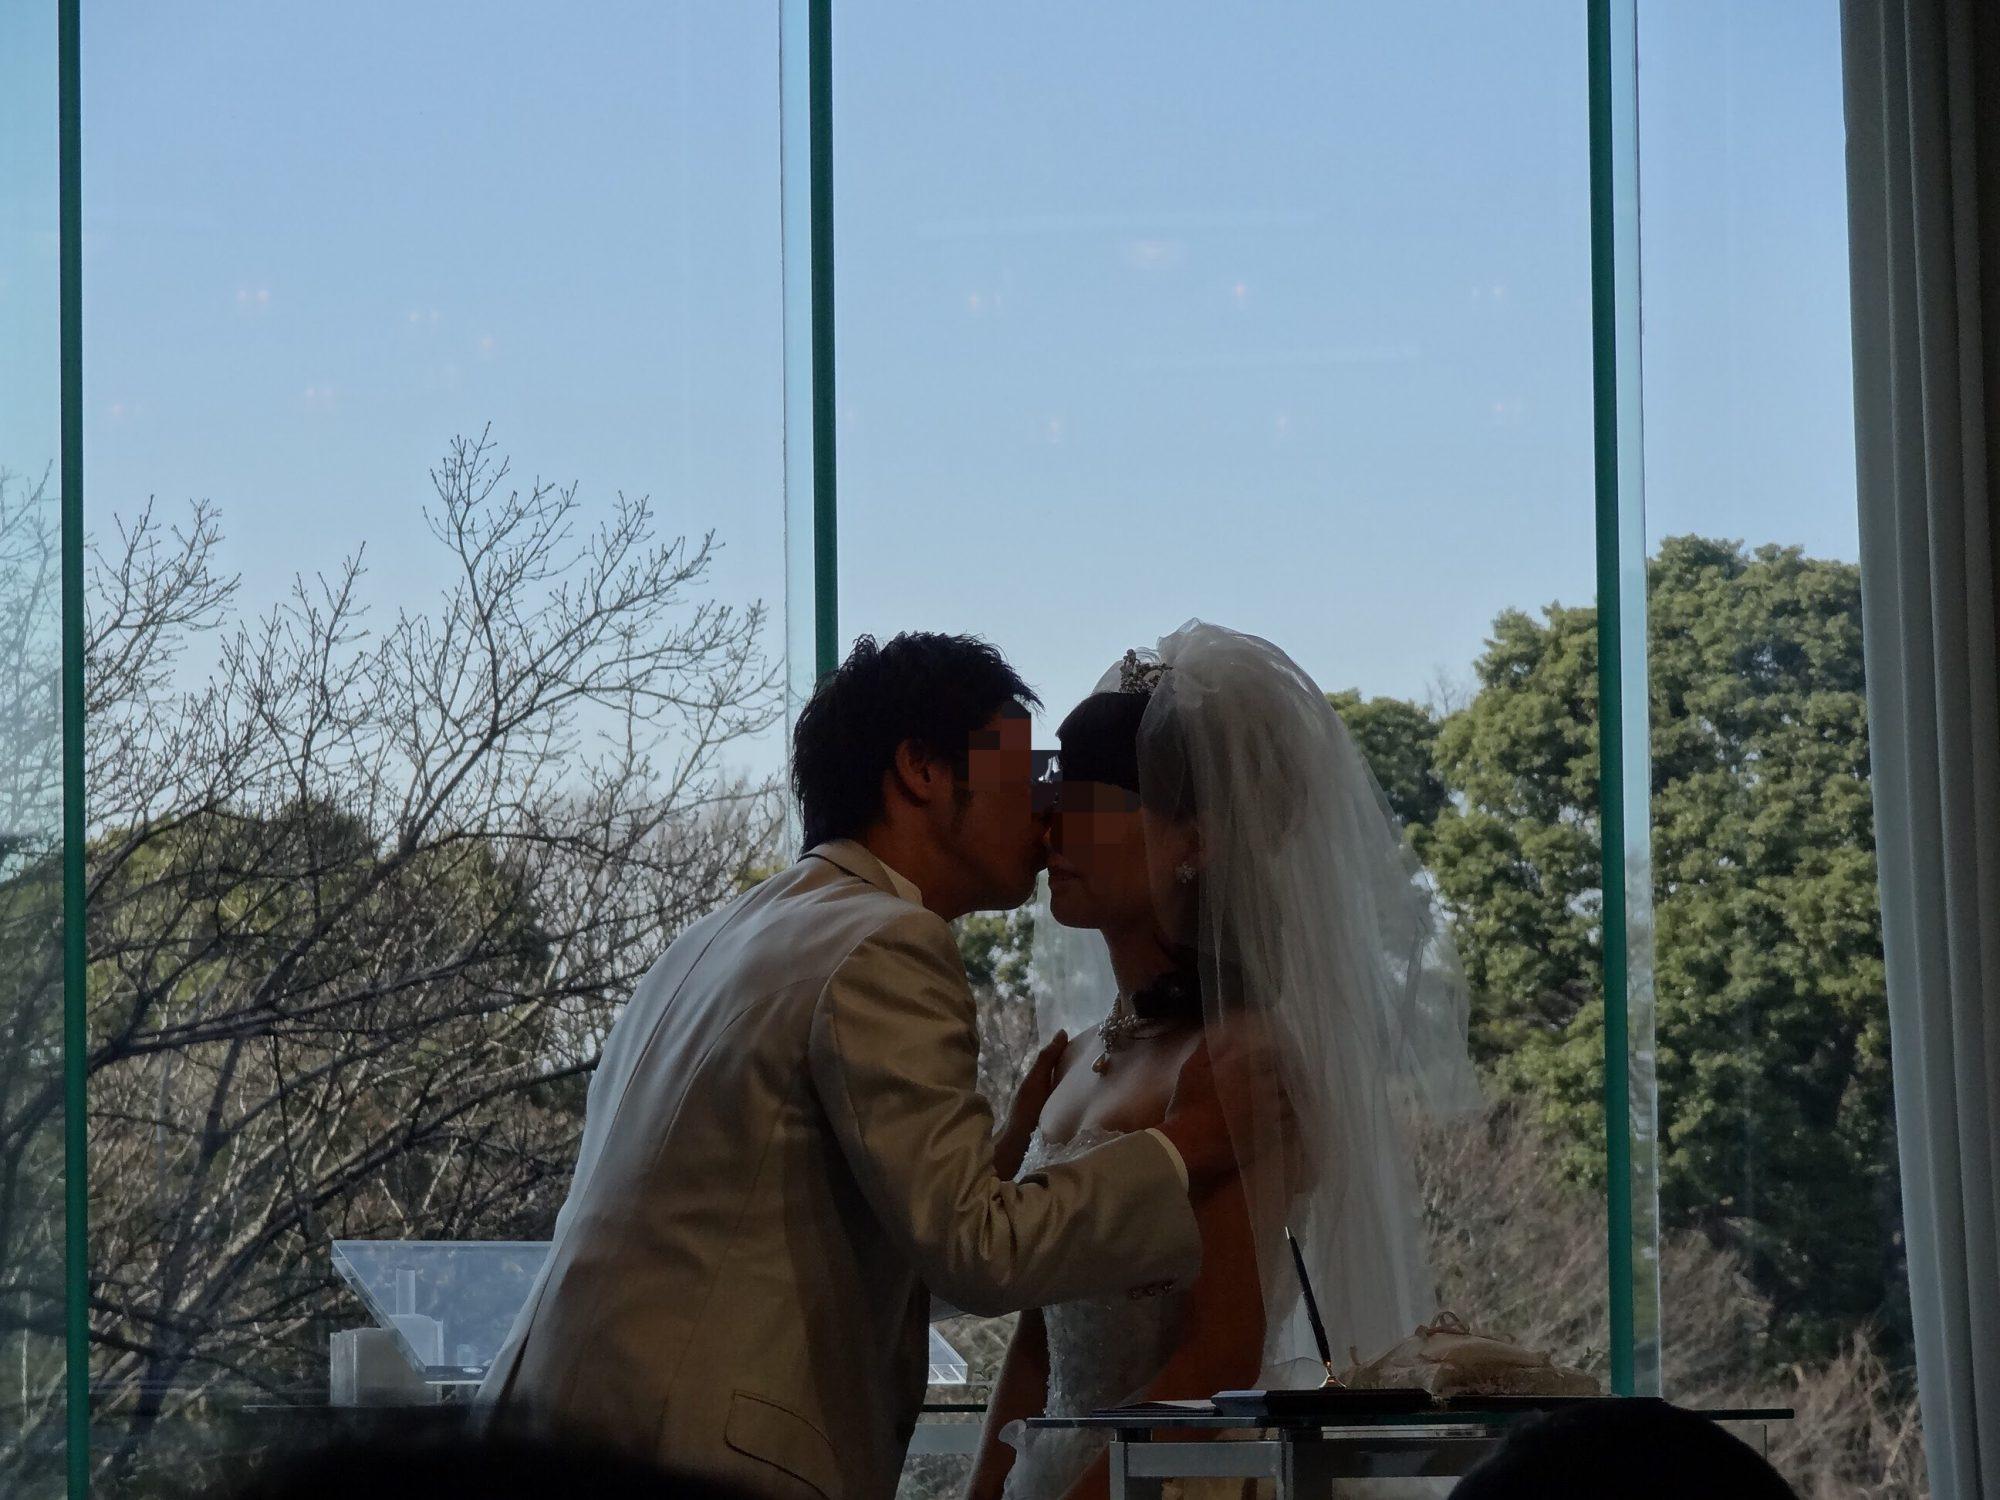 デジタル婚活を極めよう ネットとアプリが婚活の角度を上げる件